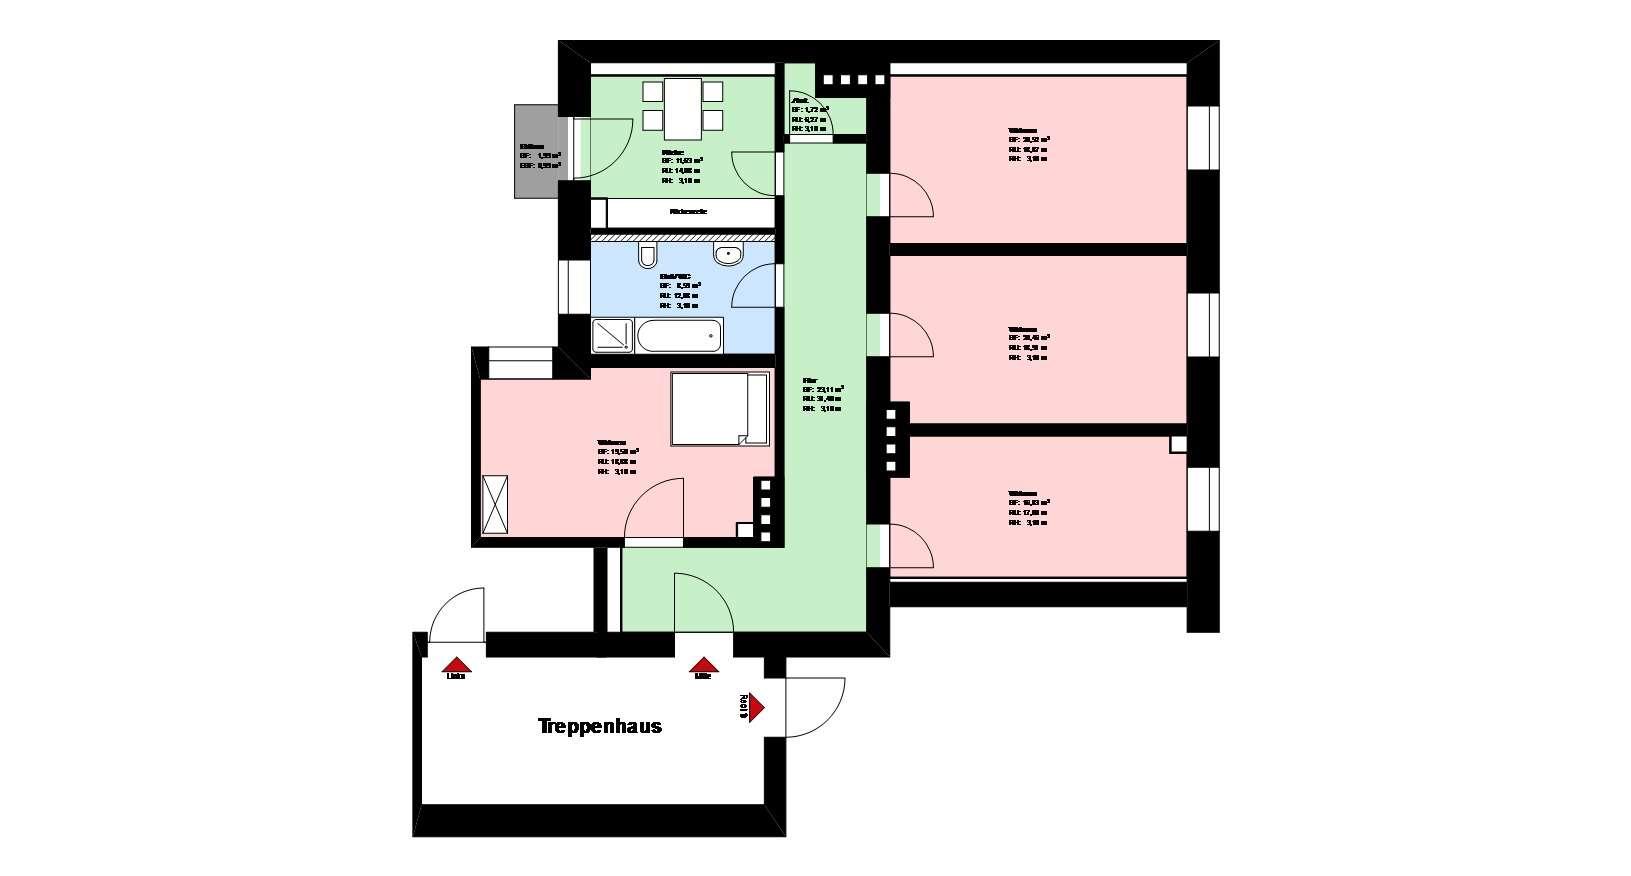 *Nähe Theresienwiese* 4-Zimmer Wohnung *möbliert* Küche mit EBK *Balkon*Keller* in Sendling (München)